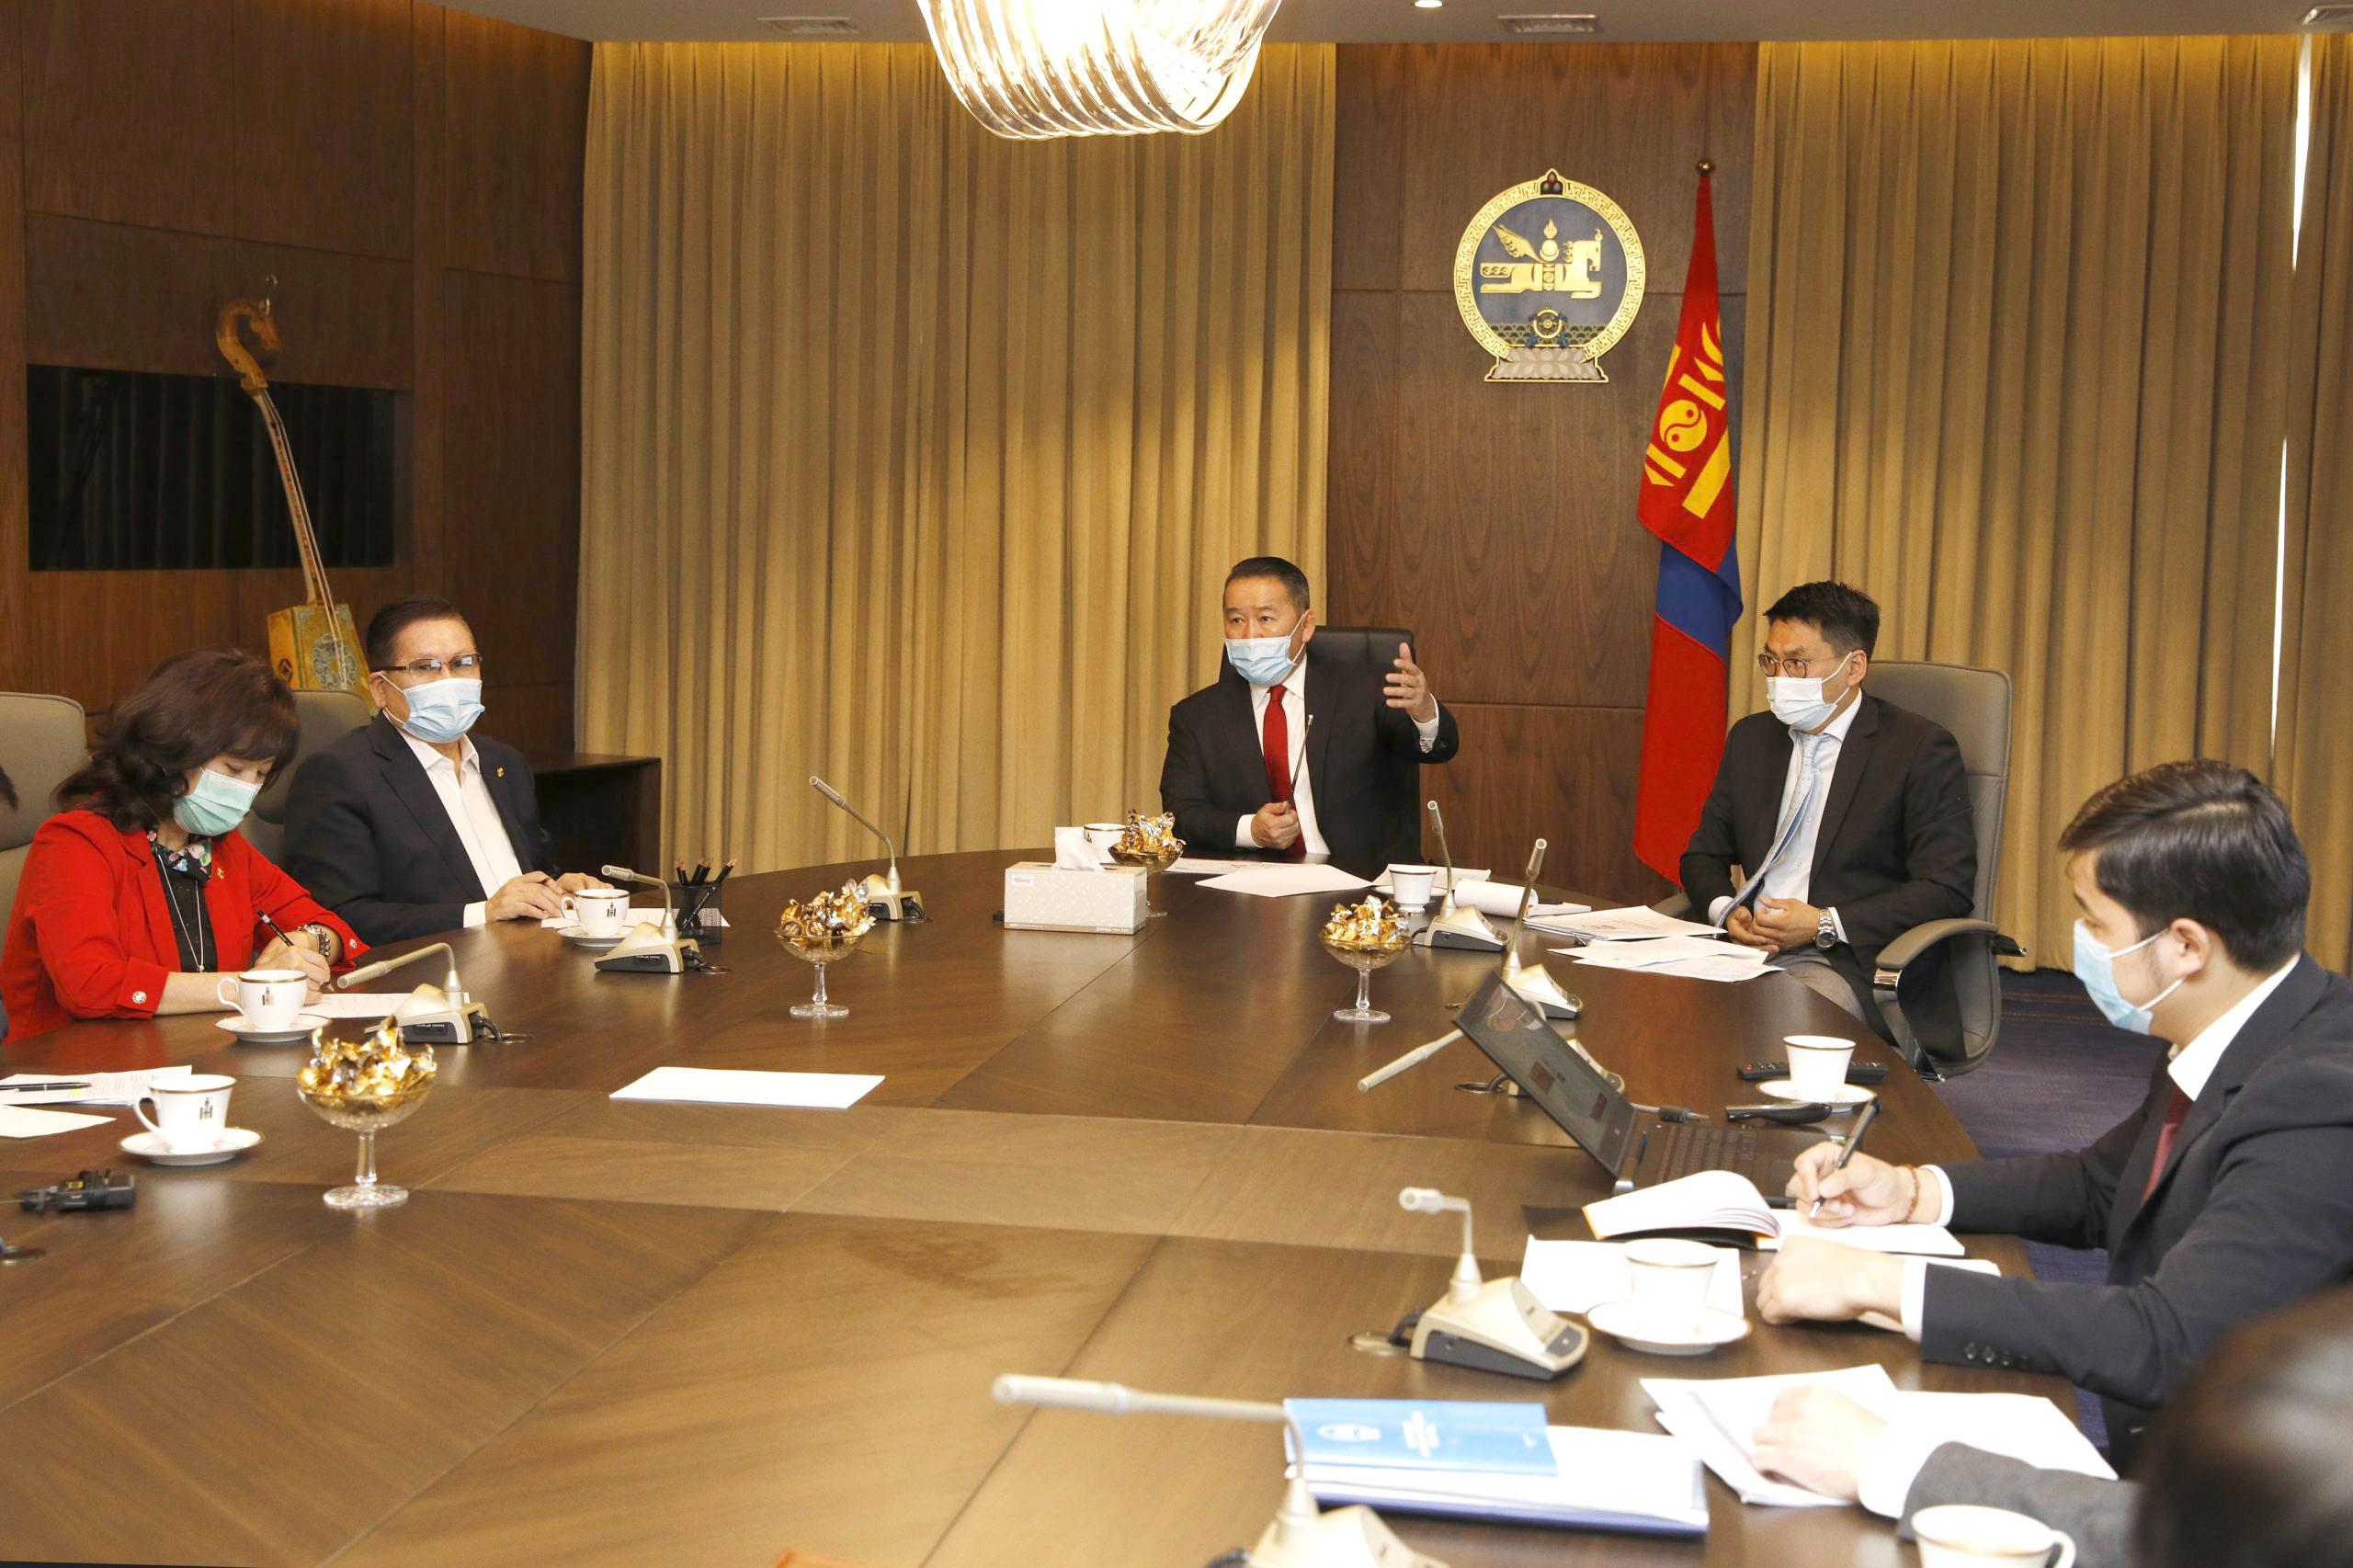 Монгол Улсын Ерөнхийлөгч Х.Баттулга УОК, СЕХ-ны гишүүдтэй уулзлаа